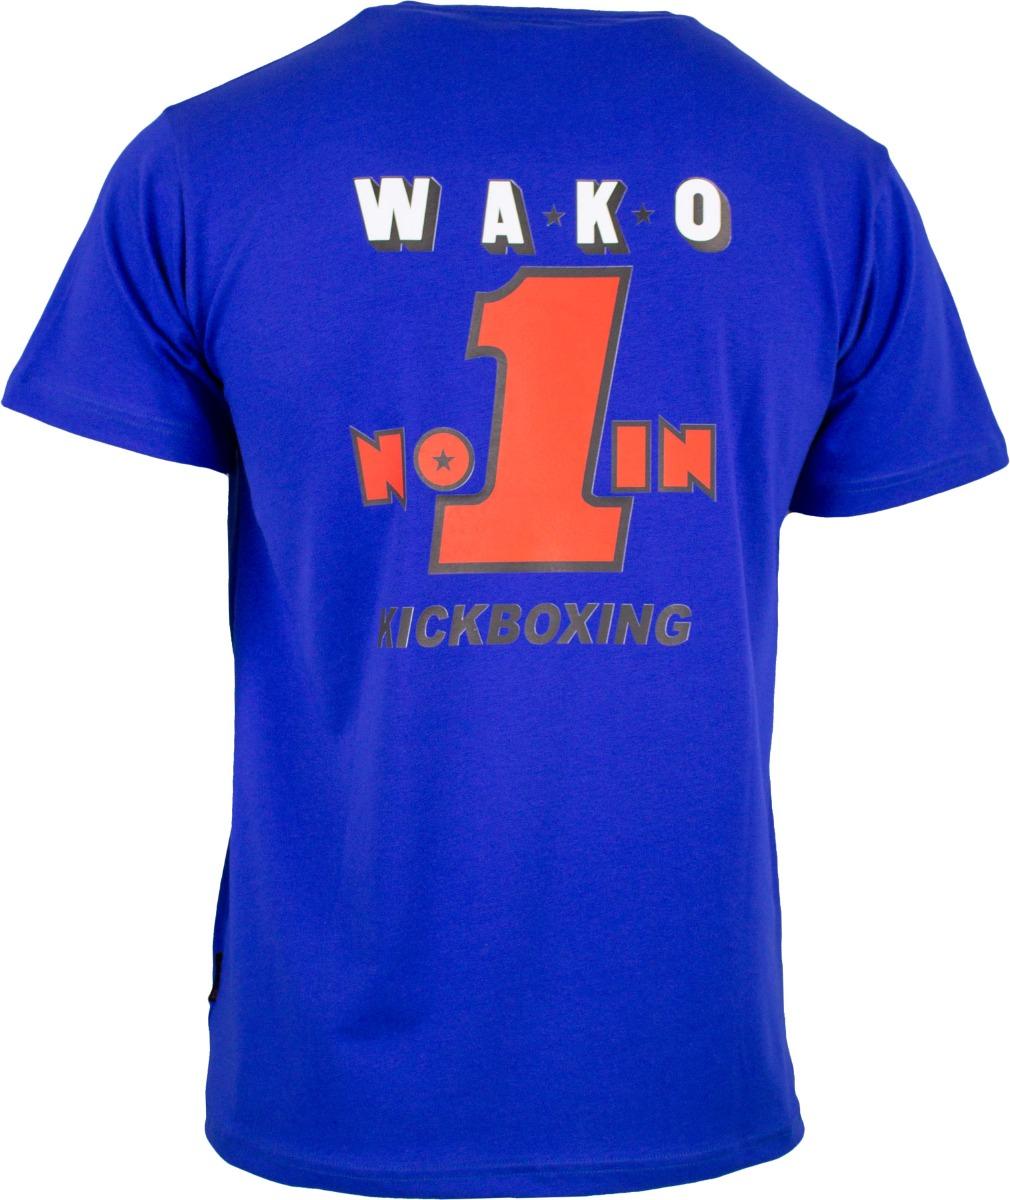 """TOP TEN T-Shirt """"Wako No 1"""" Blauw"""